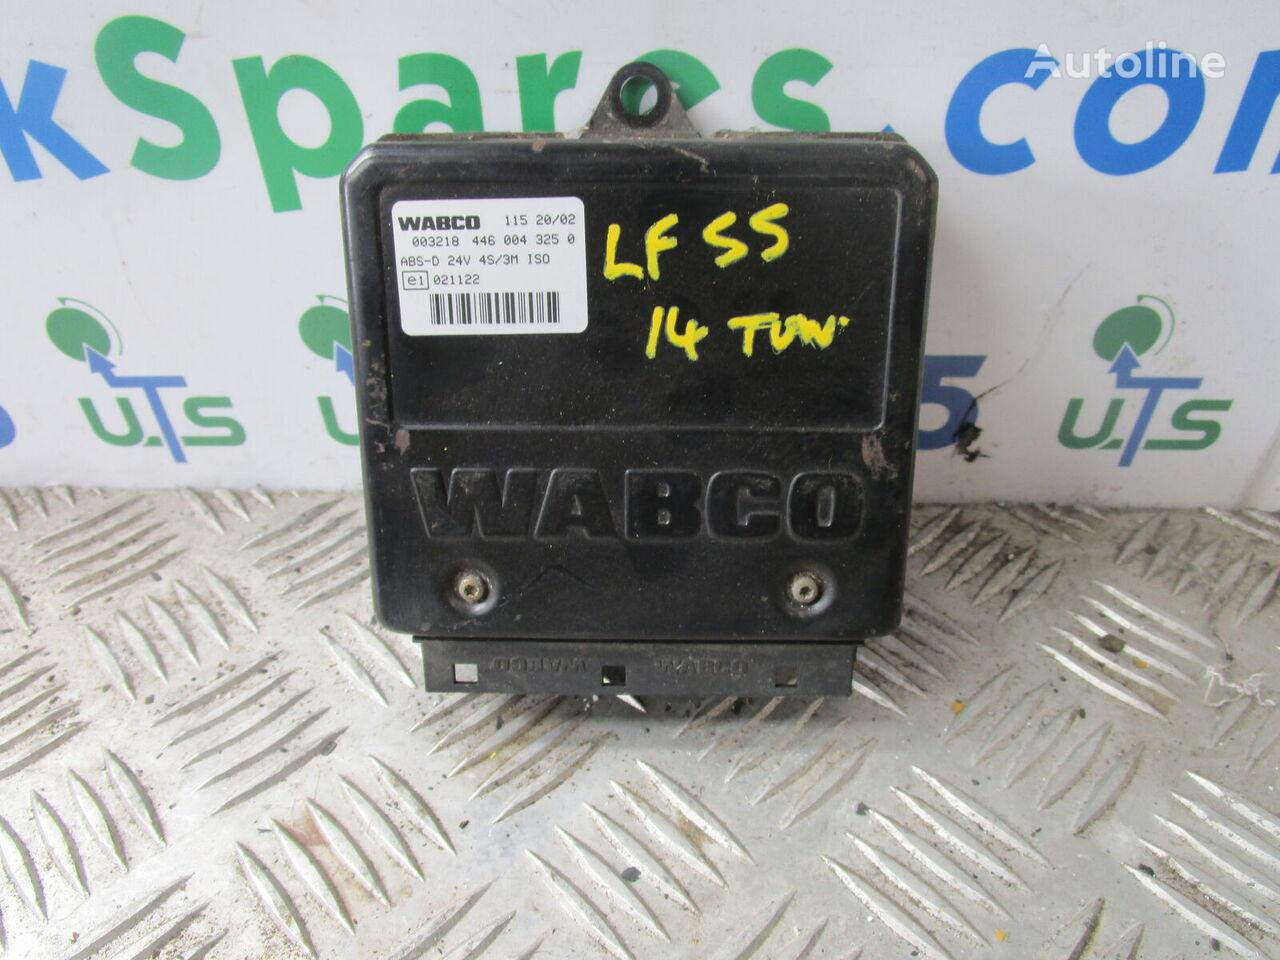 блок управления WABCO для грузовика DAF LF 45, DAF LF 55